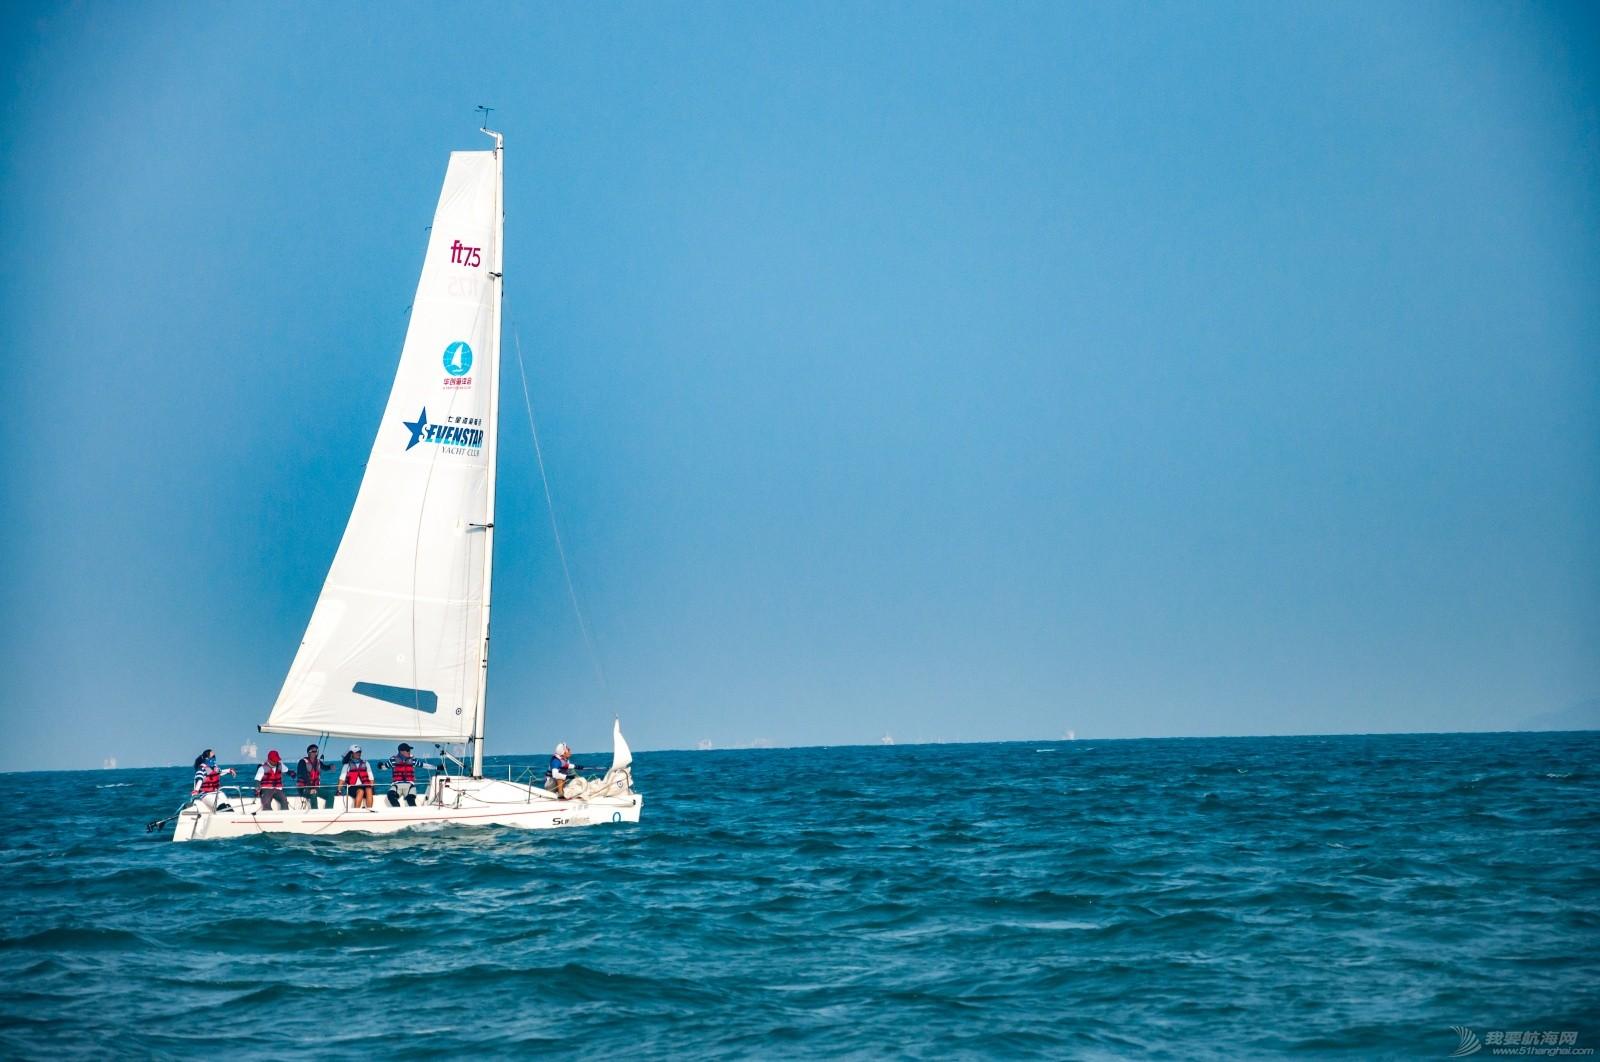 【2015大鹏杯帆船赛】51航海网船队在比赛中 s020.jpg